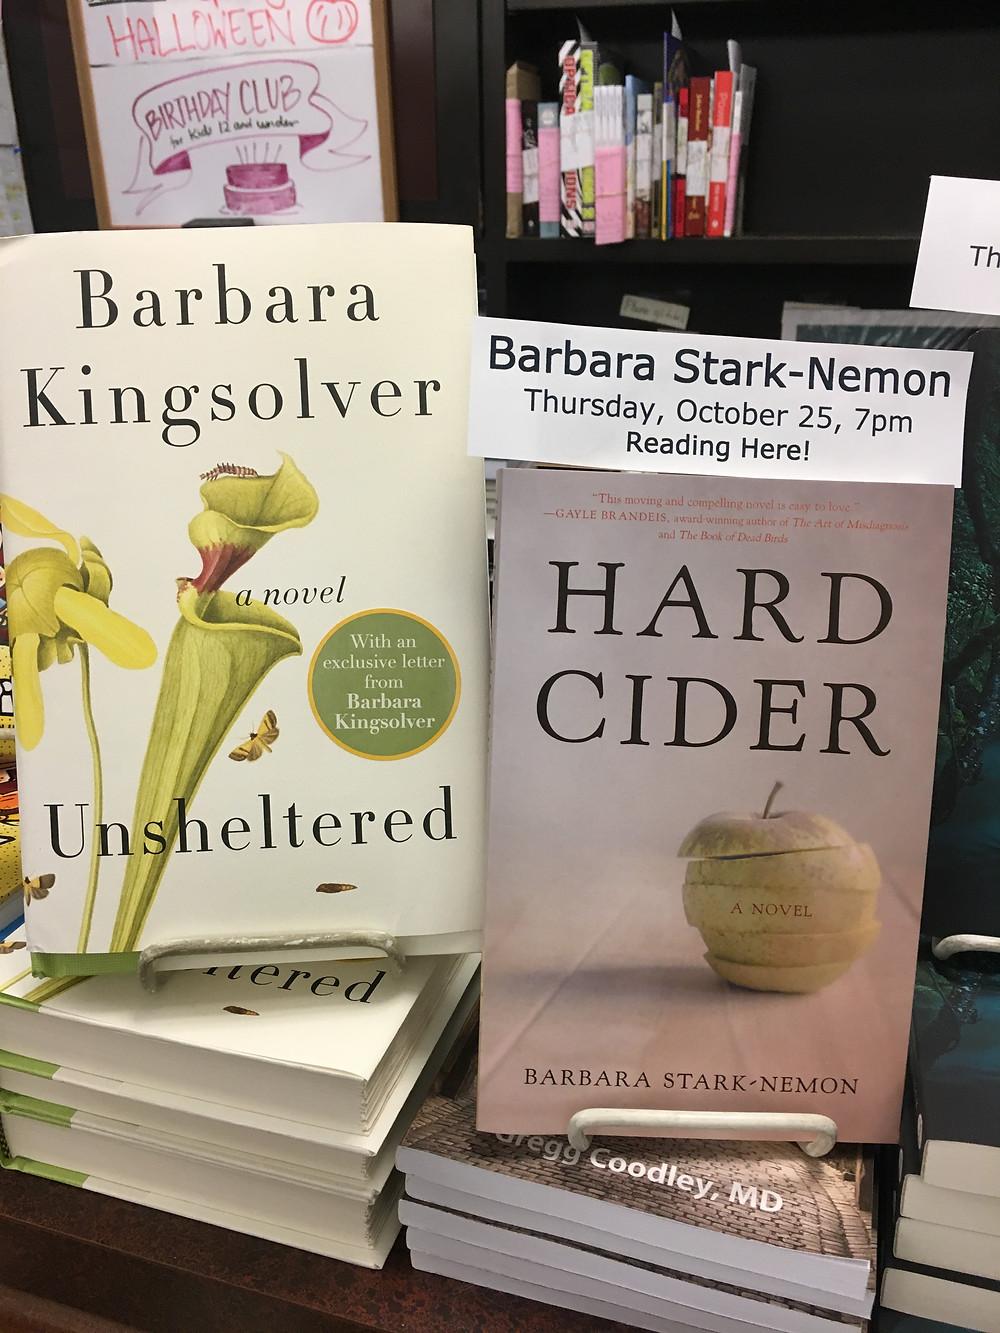 Hard Cider and Barbara Kingsolver's Unsheltered